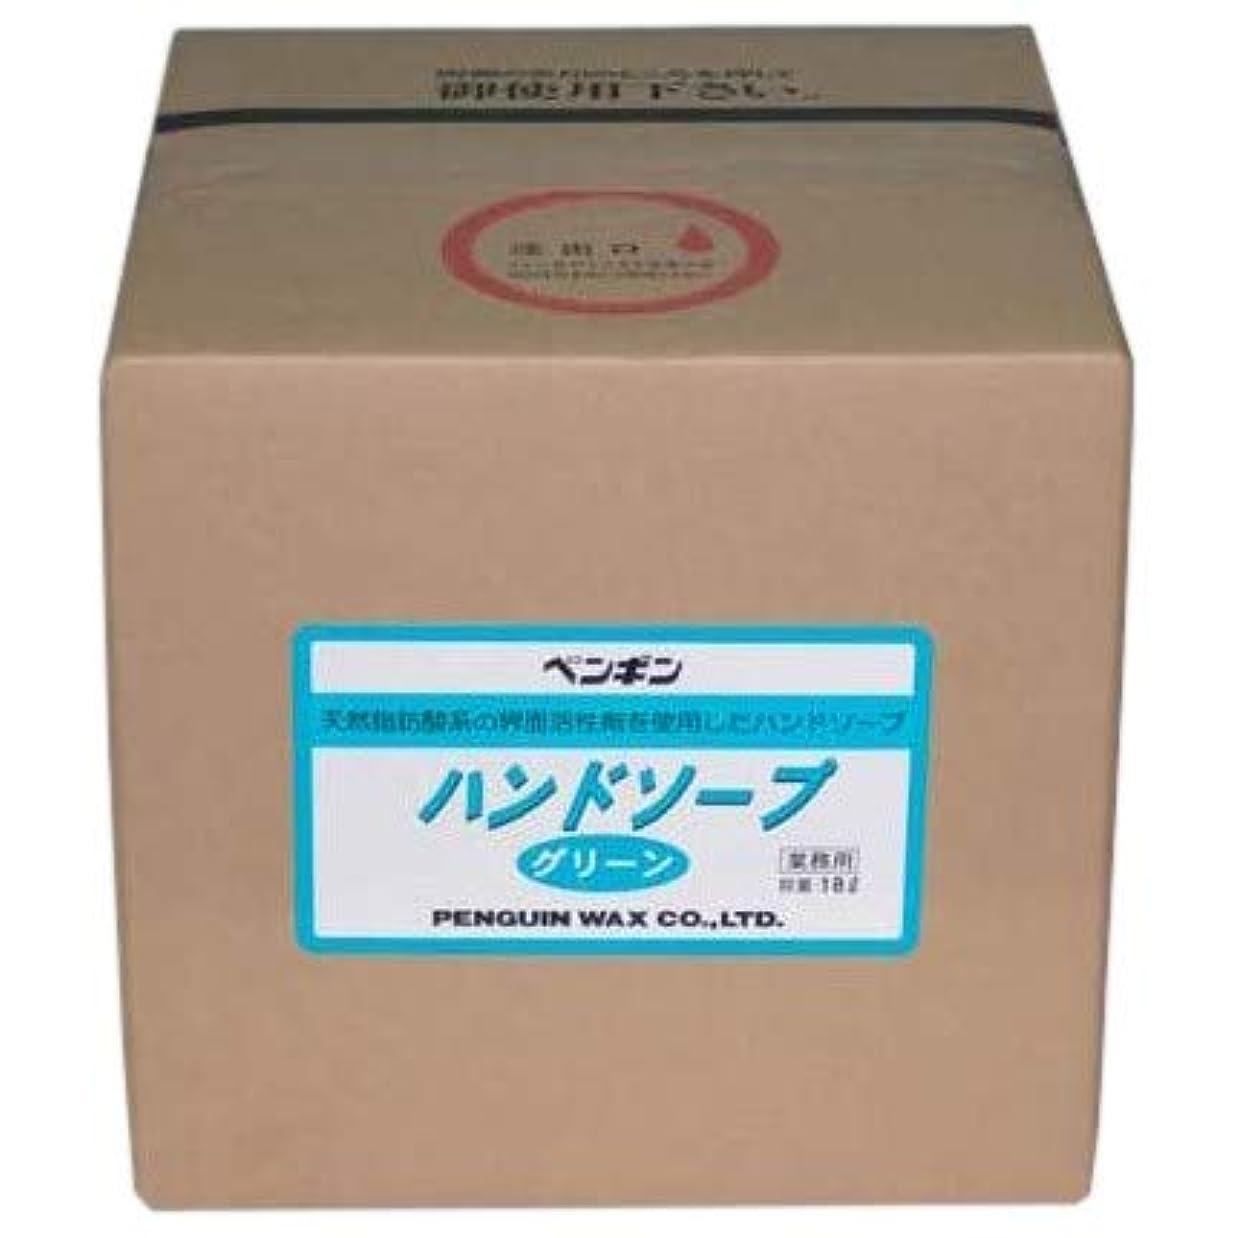 添加薬を飲む組み合わせハンドソープグリーン 18L 業務用